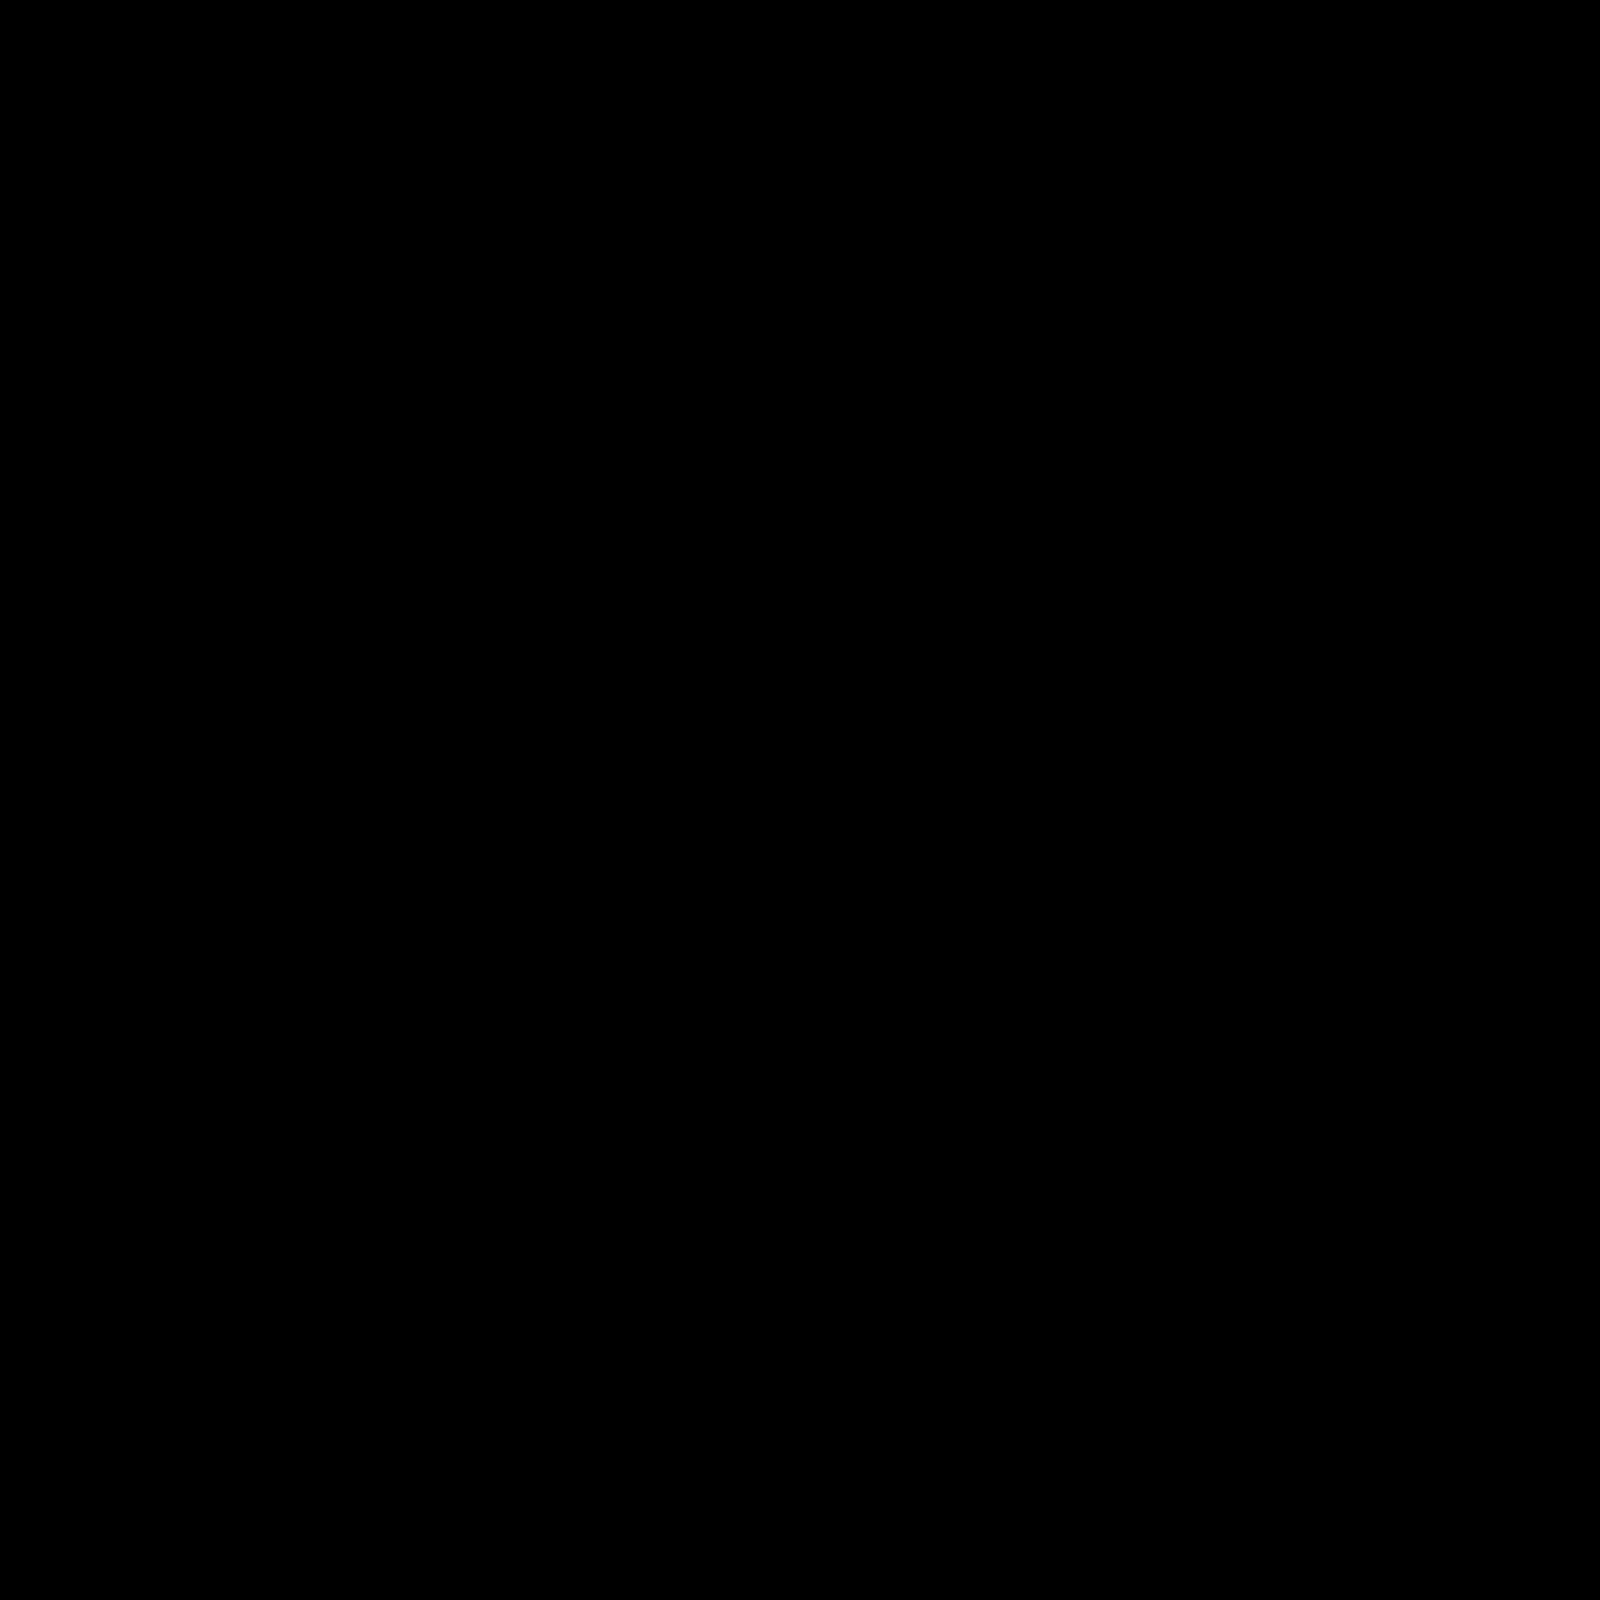 Panda clipart vector. Icono descarga gratuita png